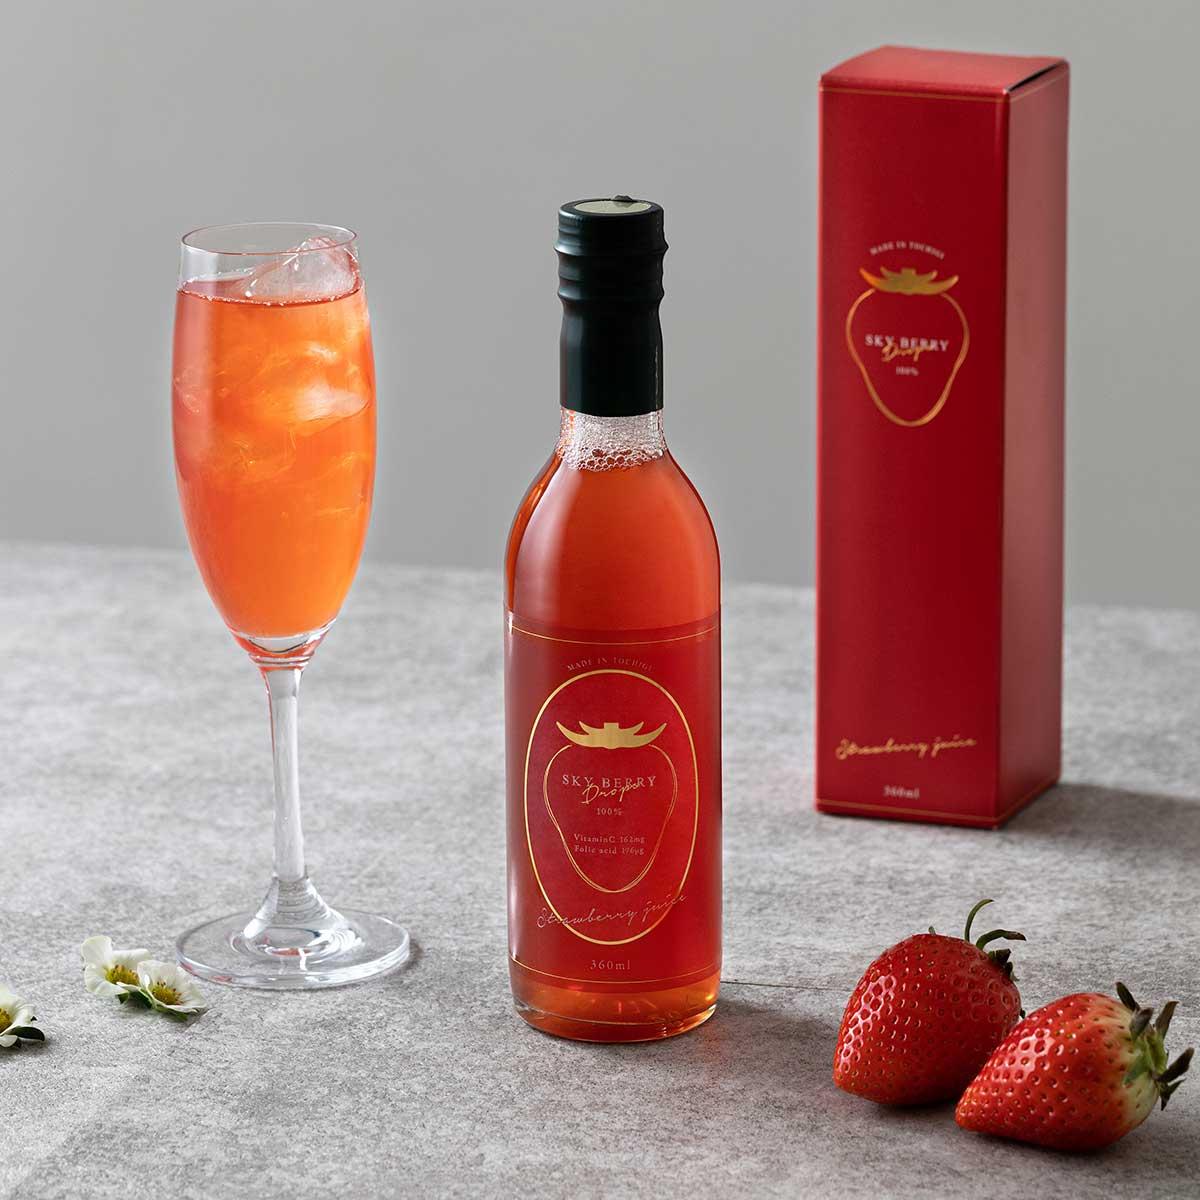 新日本農業 栃木県産 苺果汁100%ストロベリージュース Sky Berry Drops 2本セット〔180ml×2〕